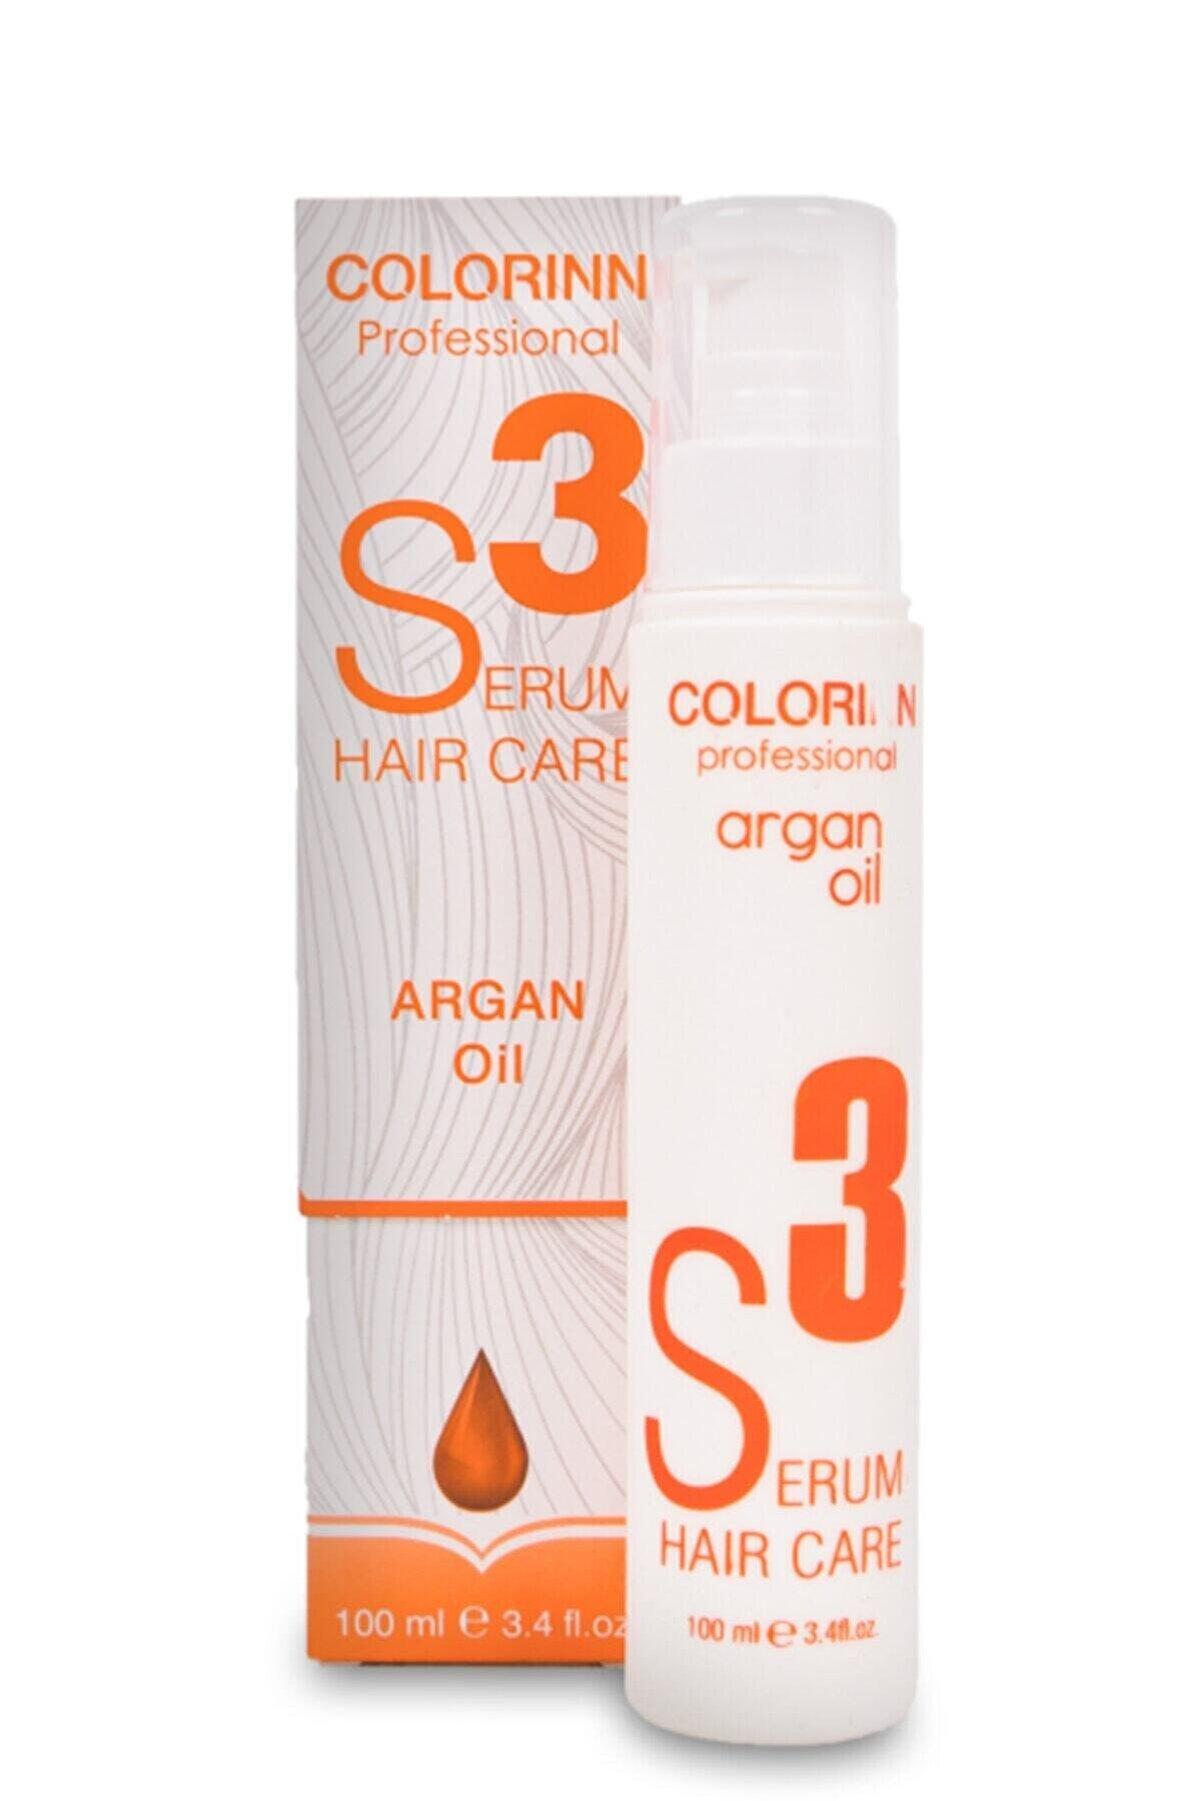 Colorinn S3 Argan Yağlı Saç Bakım Serumu 100 ml